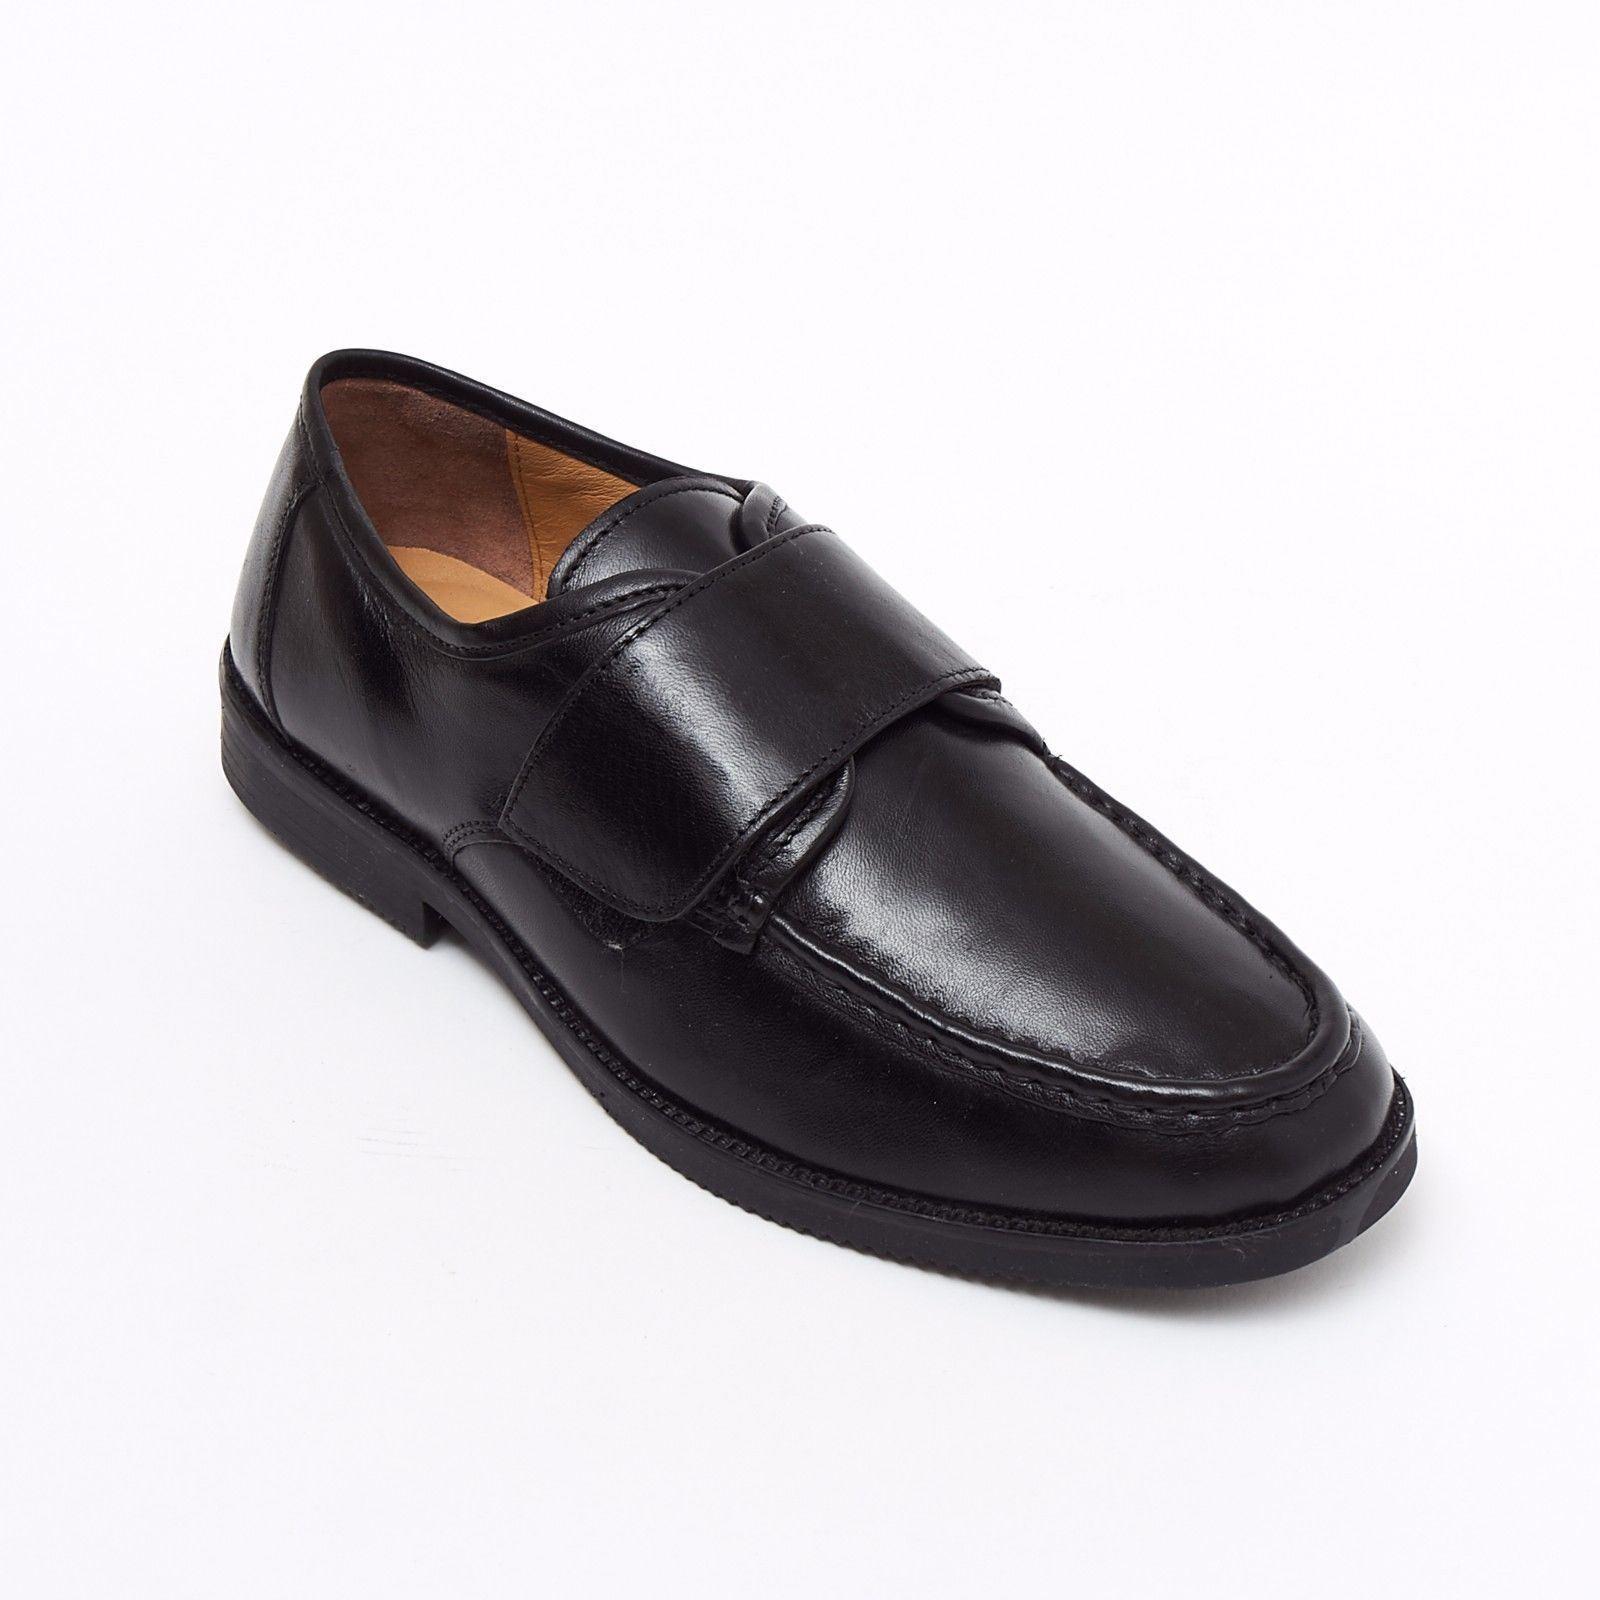 Scarpe casual da uomo  Lucini Formale Uomo Nero Pelle Scarpe Col Tacco Smart Velcro Mocassini MATRIMONIO mocassino